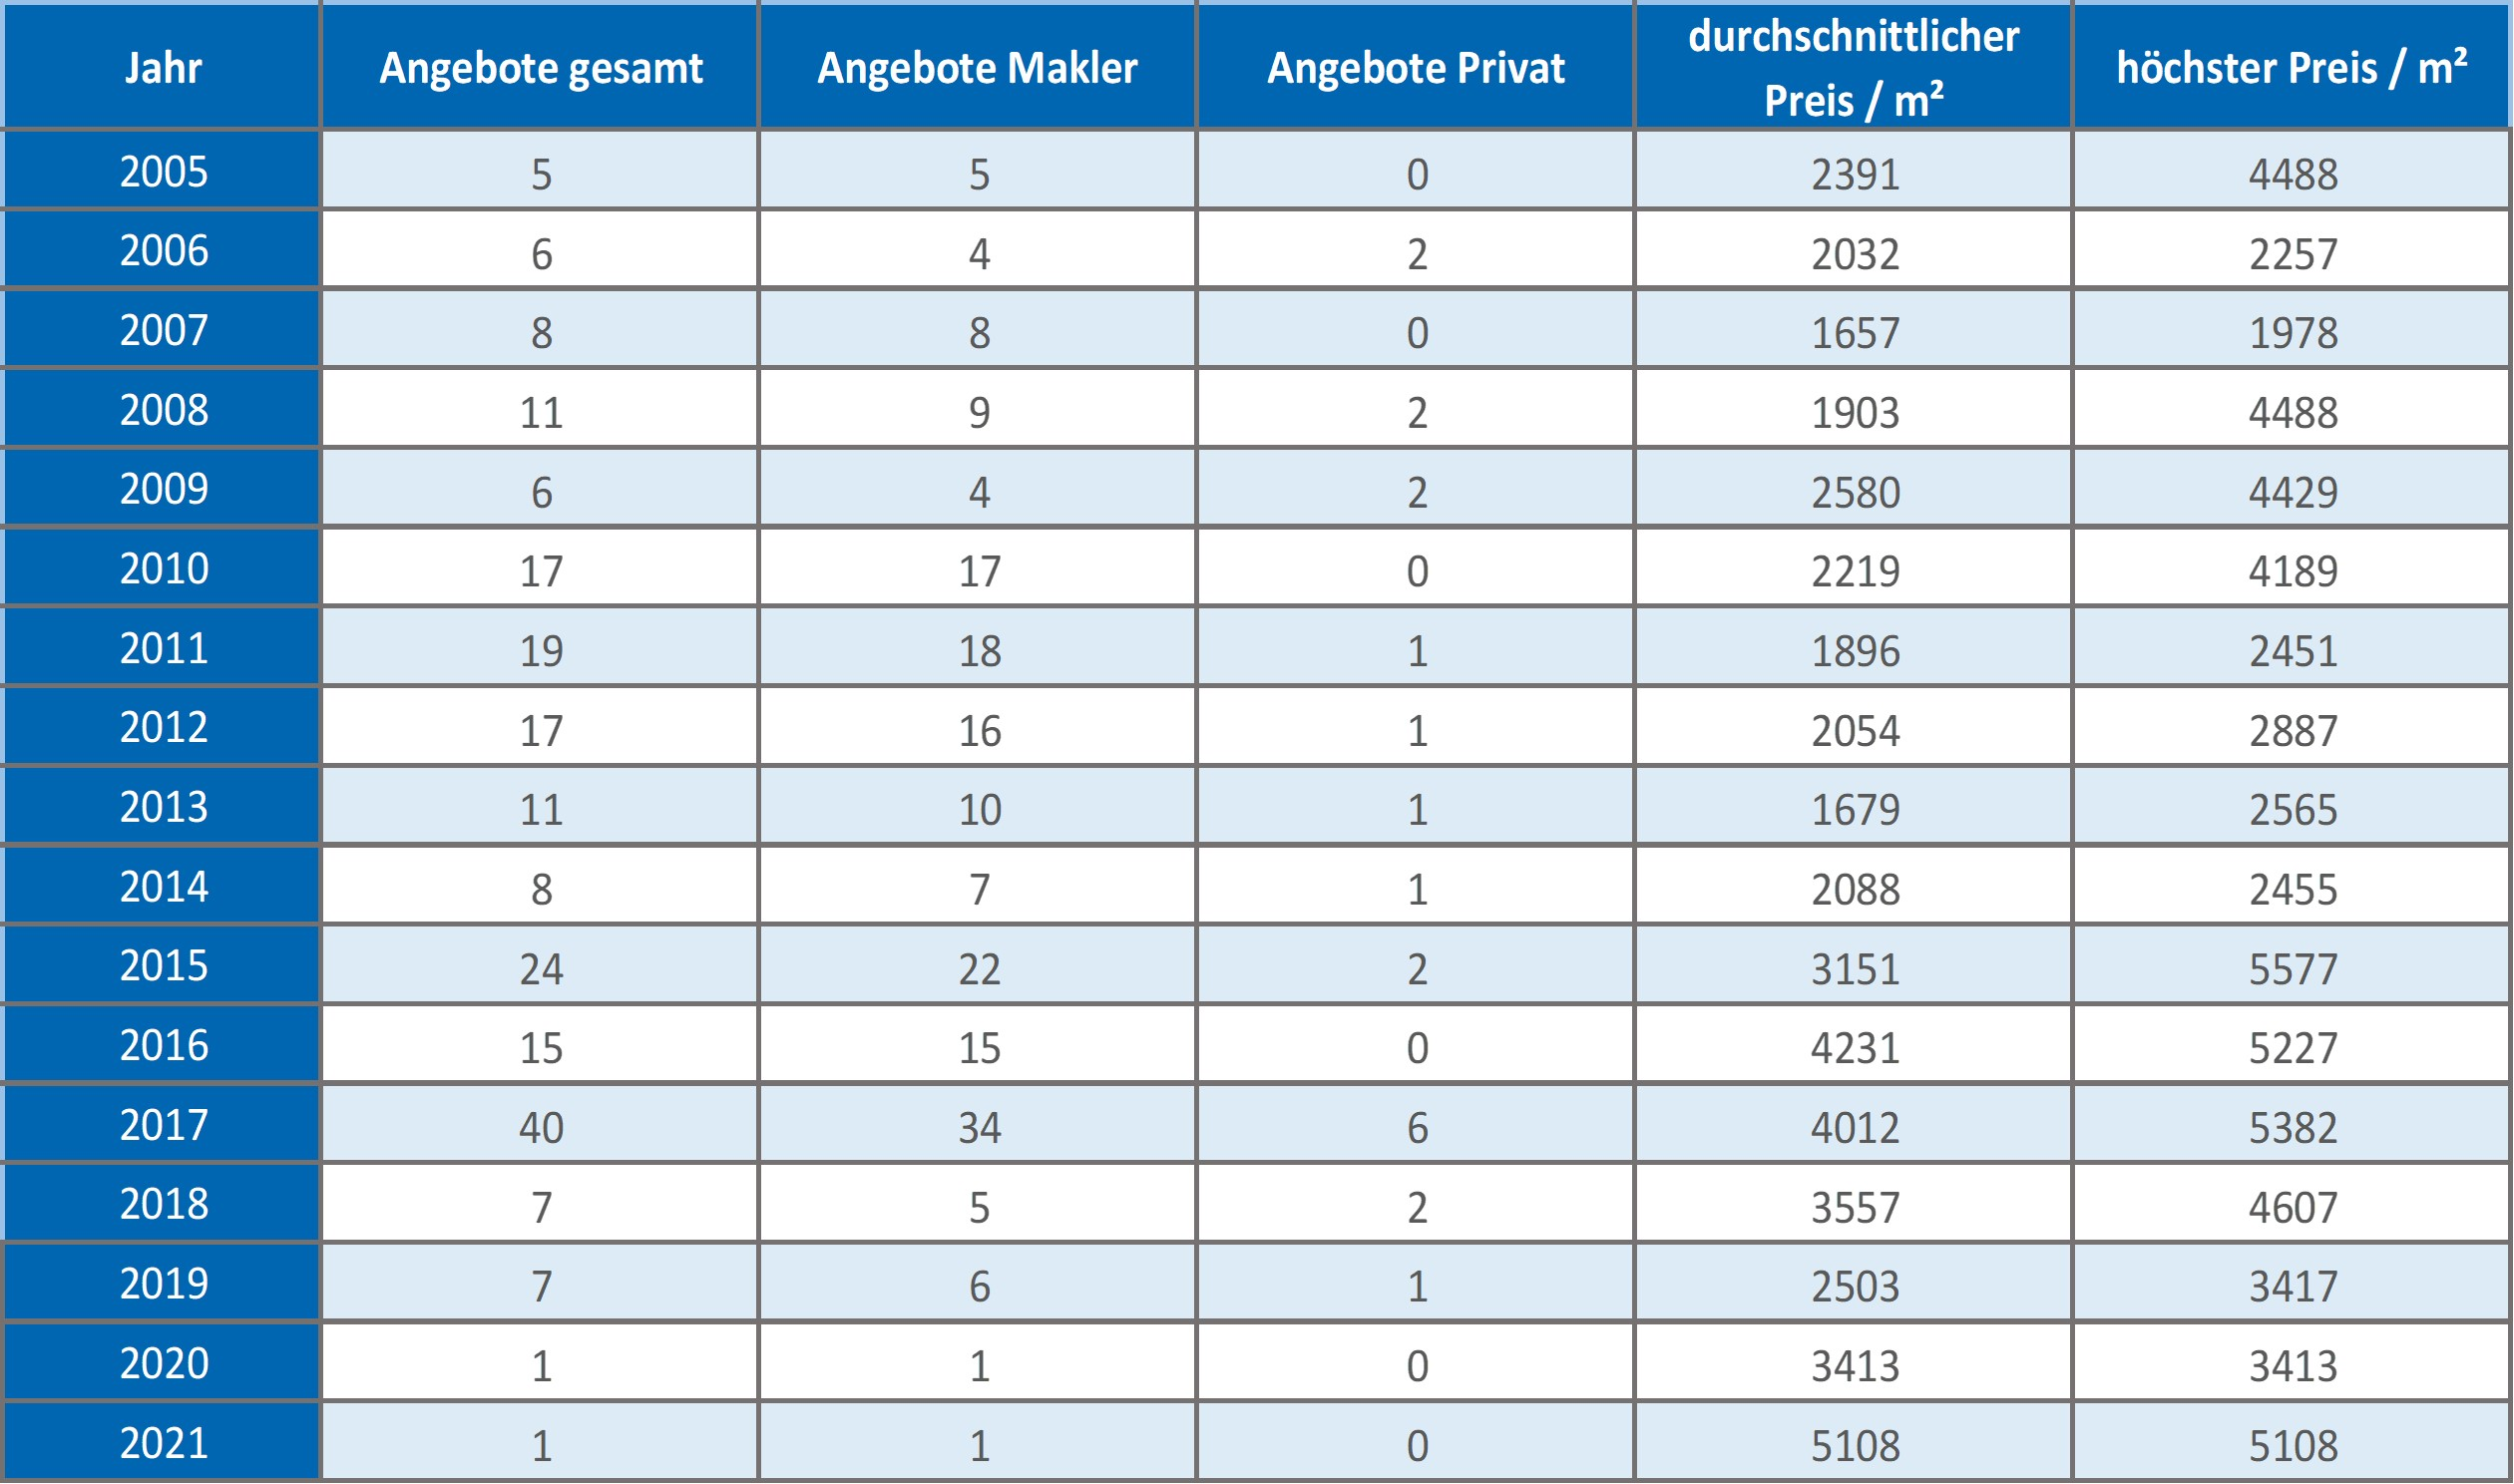 Bayrischzell-Wohnung-kaufen-verkaufen-Makler 2019, 2020, 2021